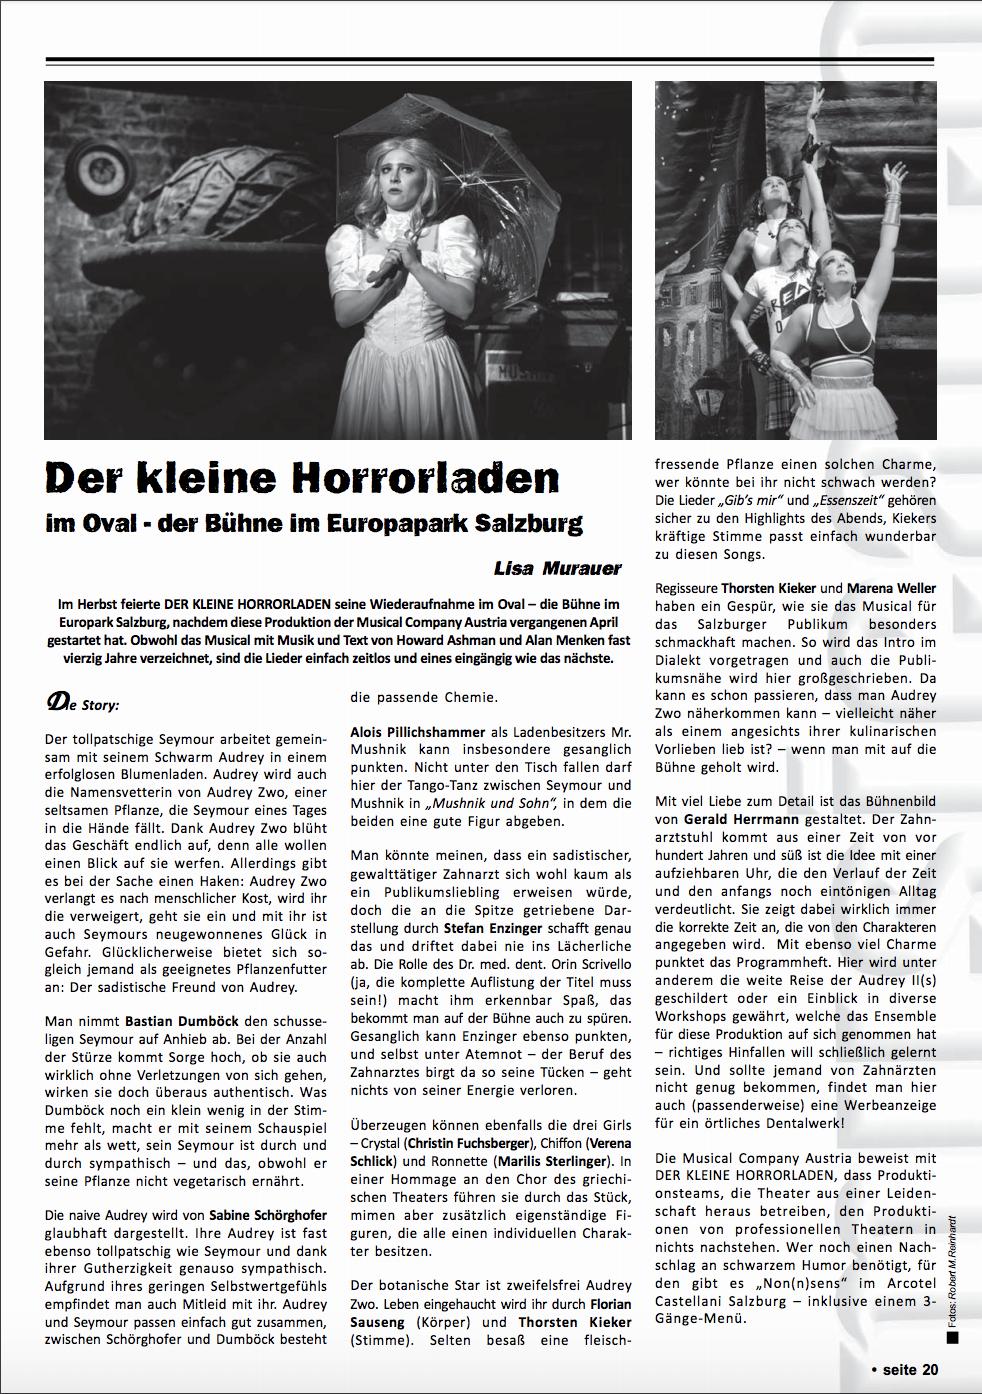 Der Kleine Horrorladen Musicalcocktail Kritik 2018